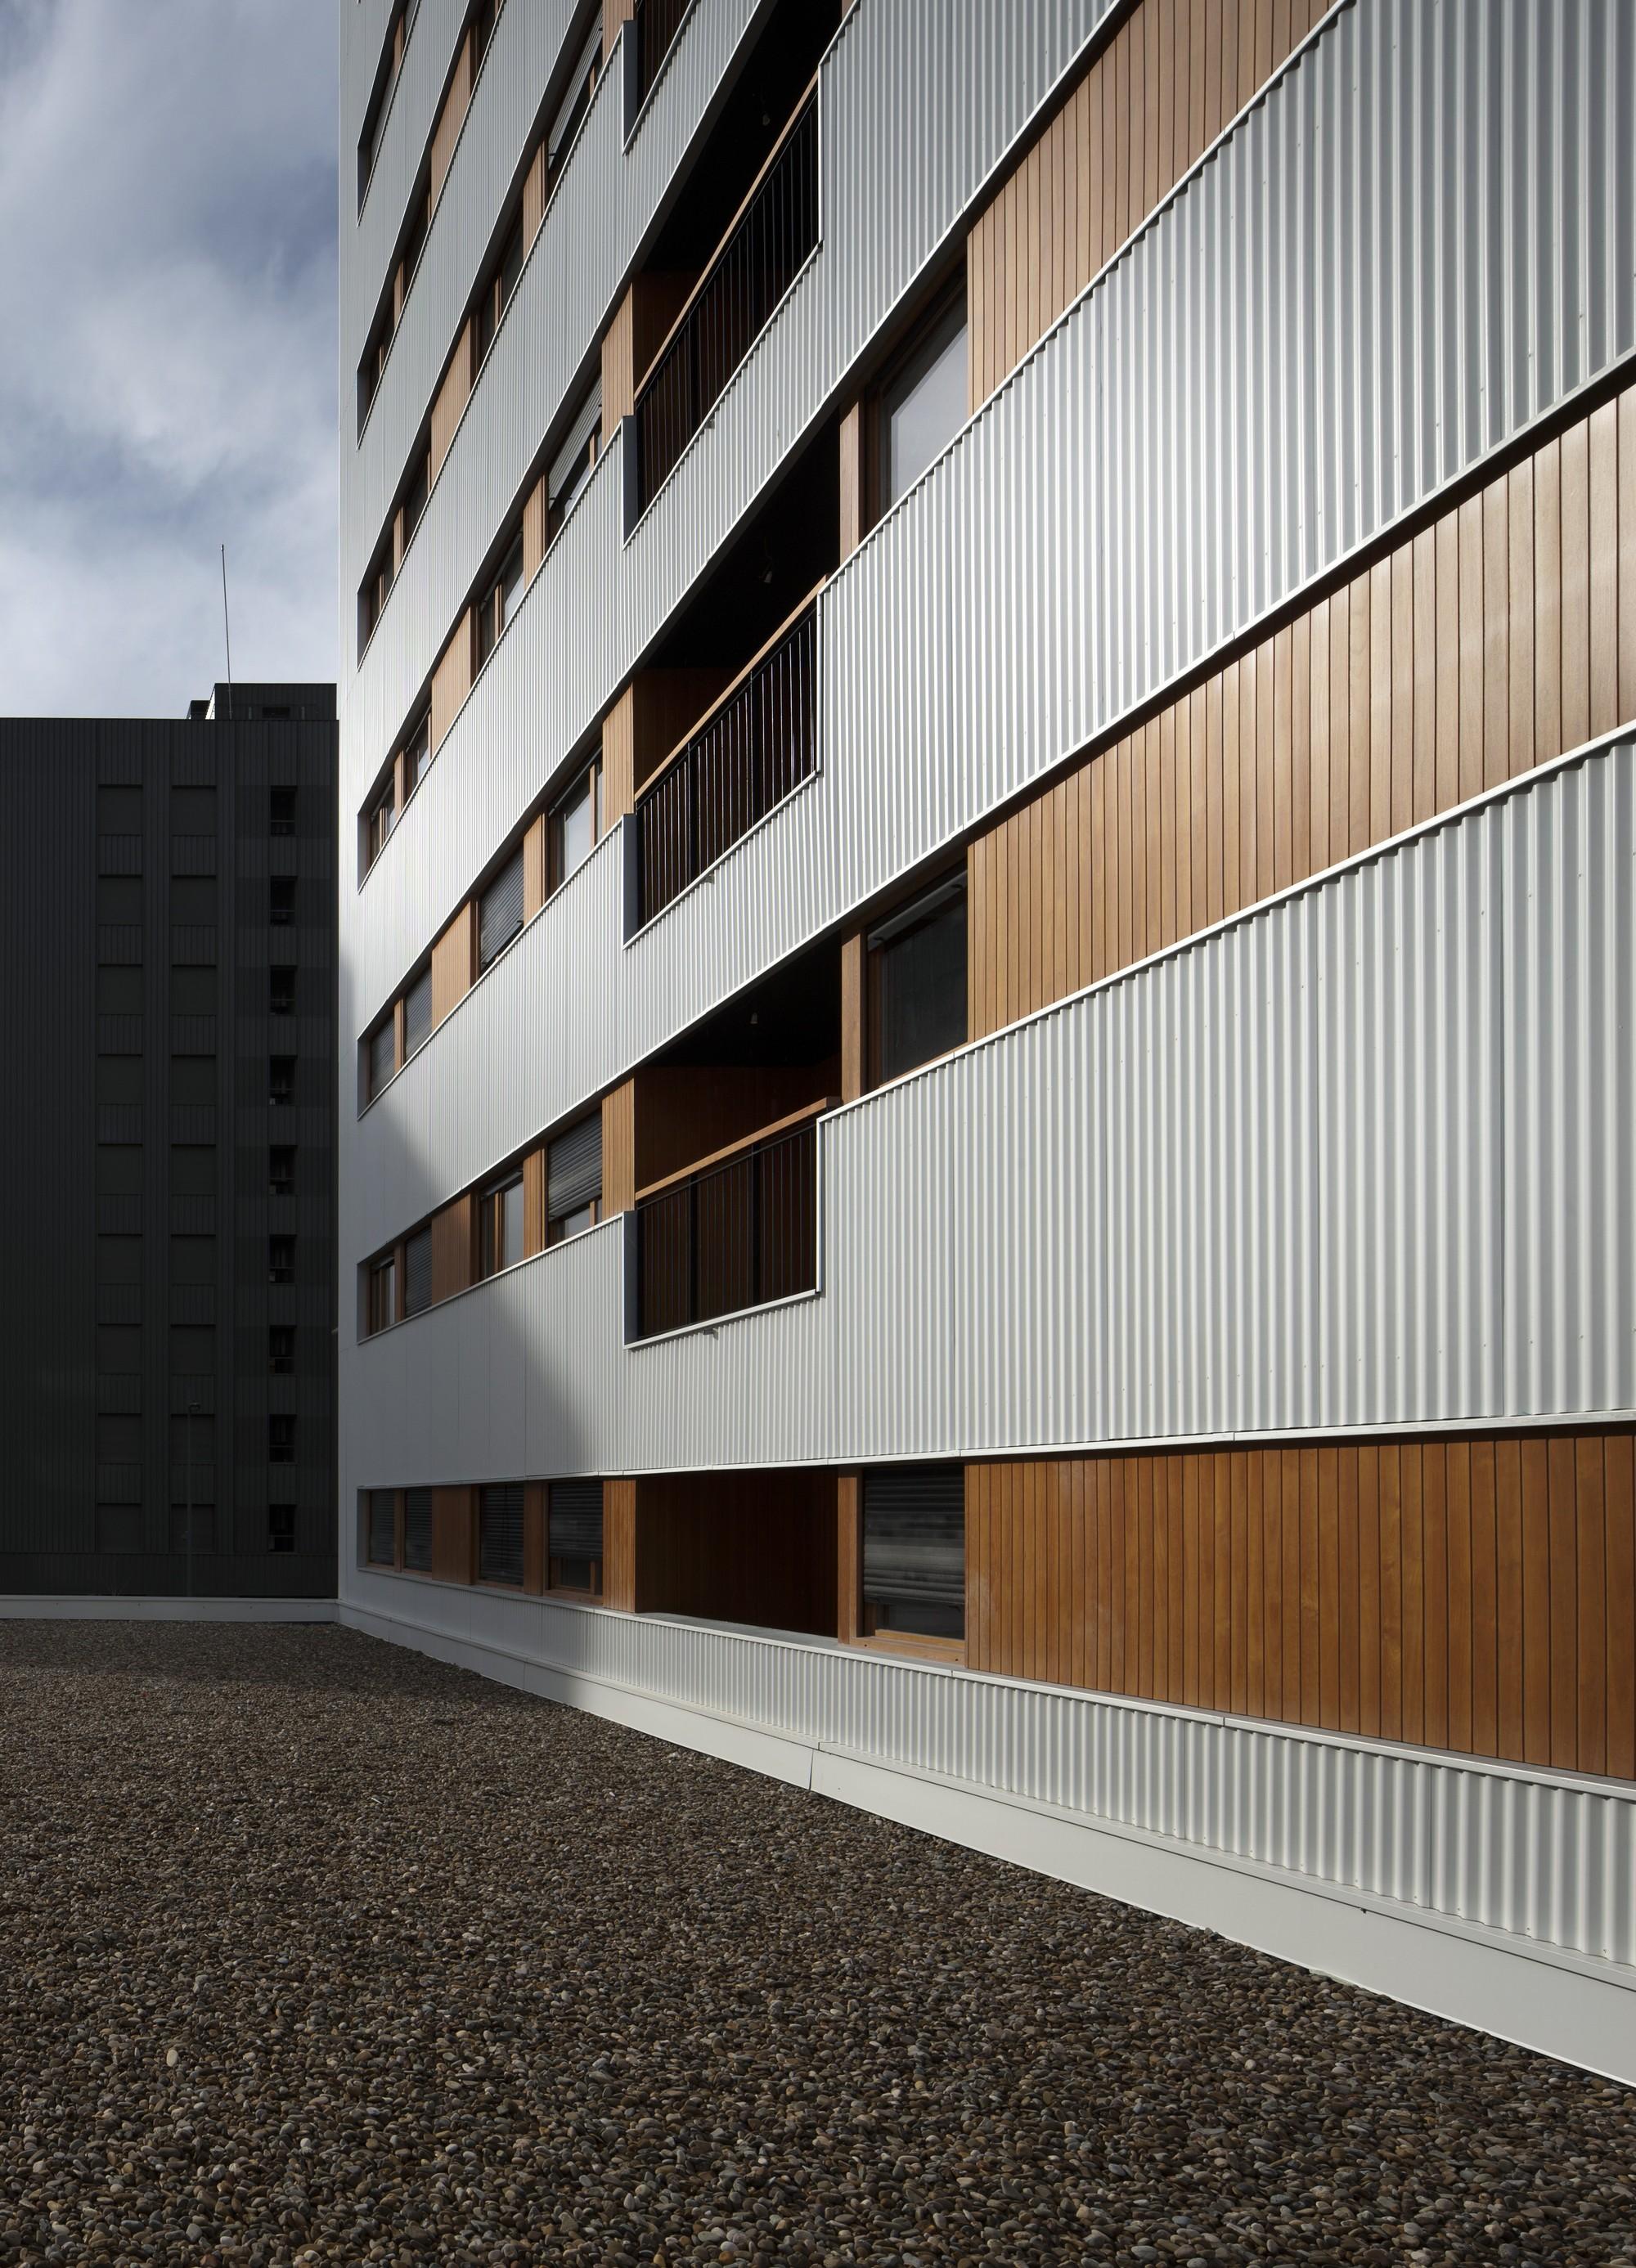 Galer a de nuevo grupo de viviendas de protecci n oficial en vitoria gasteiz acxt arquitectos 15 - Arquitectos en vitoria ...